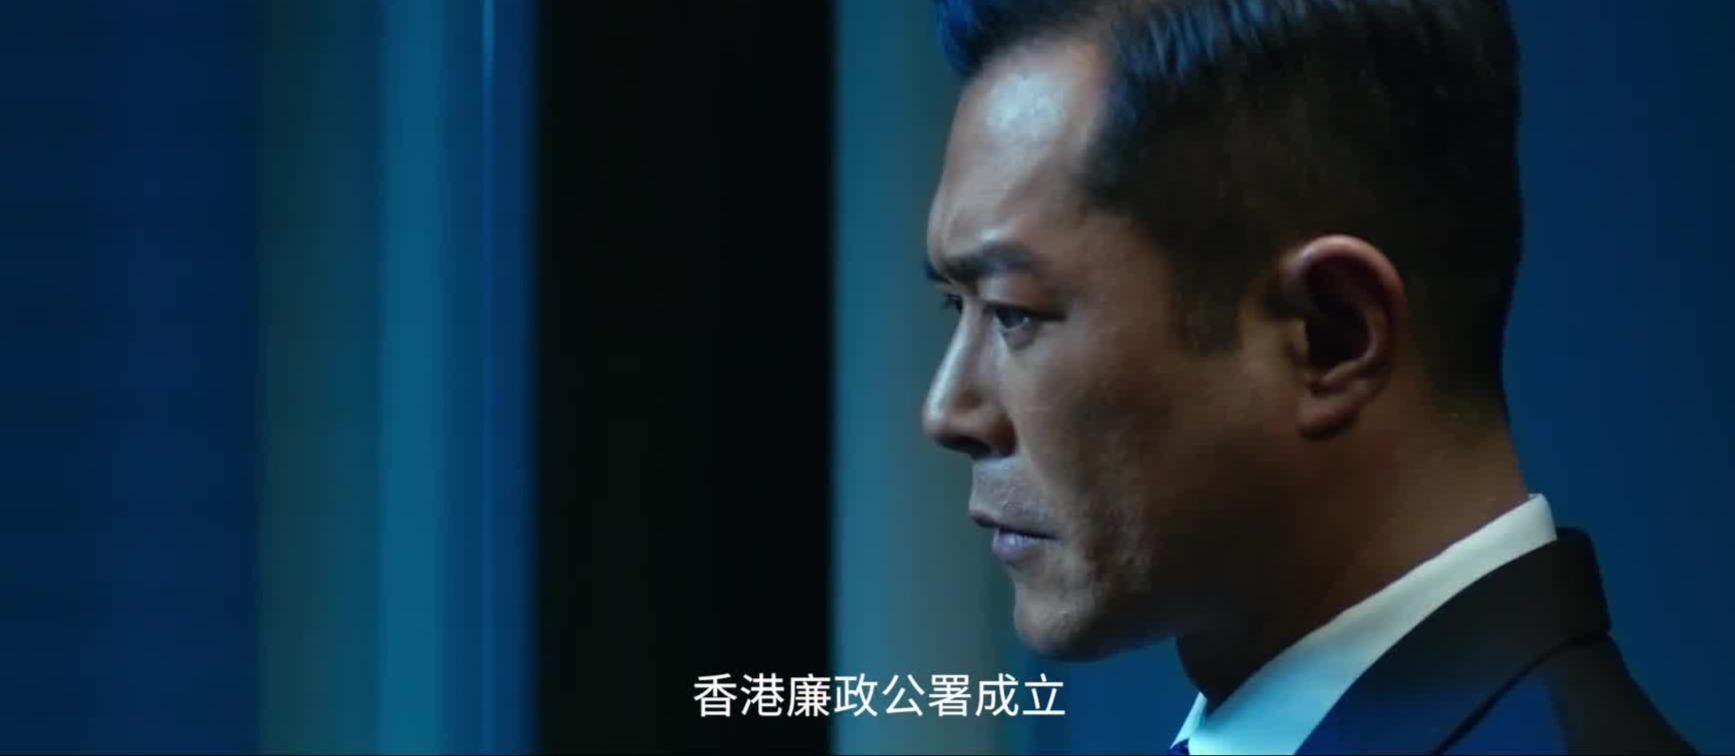 《反贪风暴5》定档12月31日 古天乐宣萱再合作